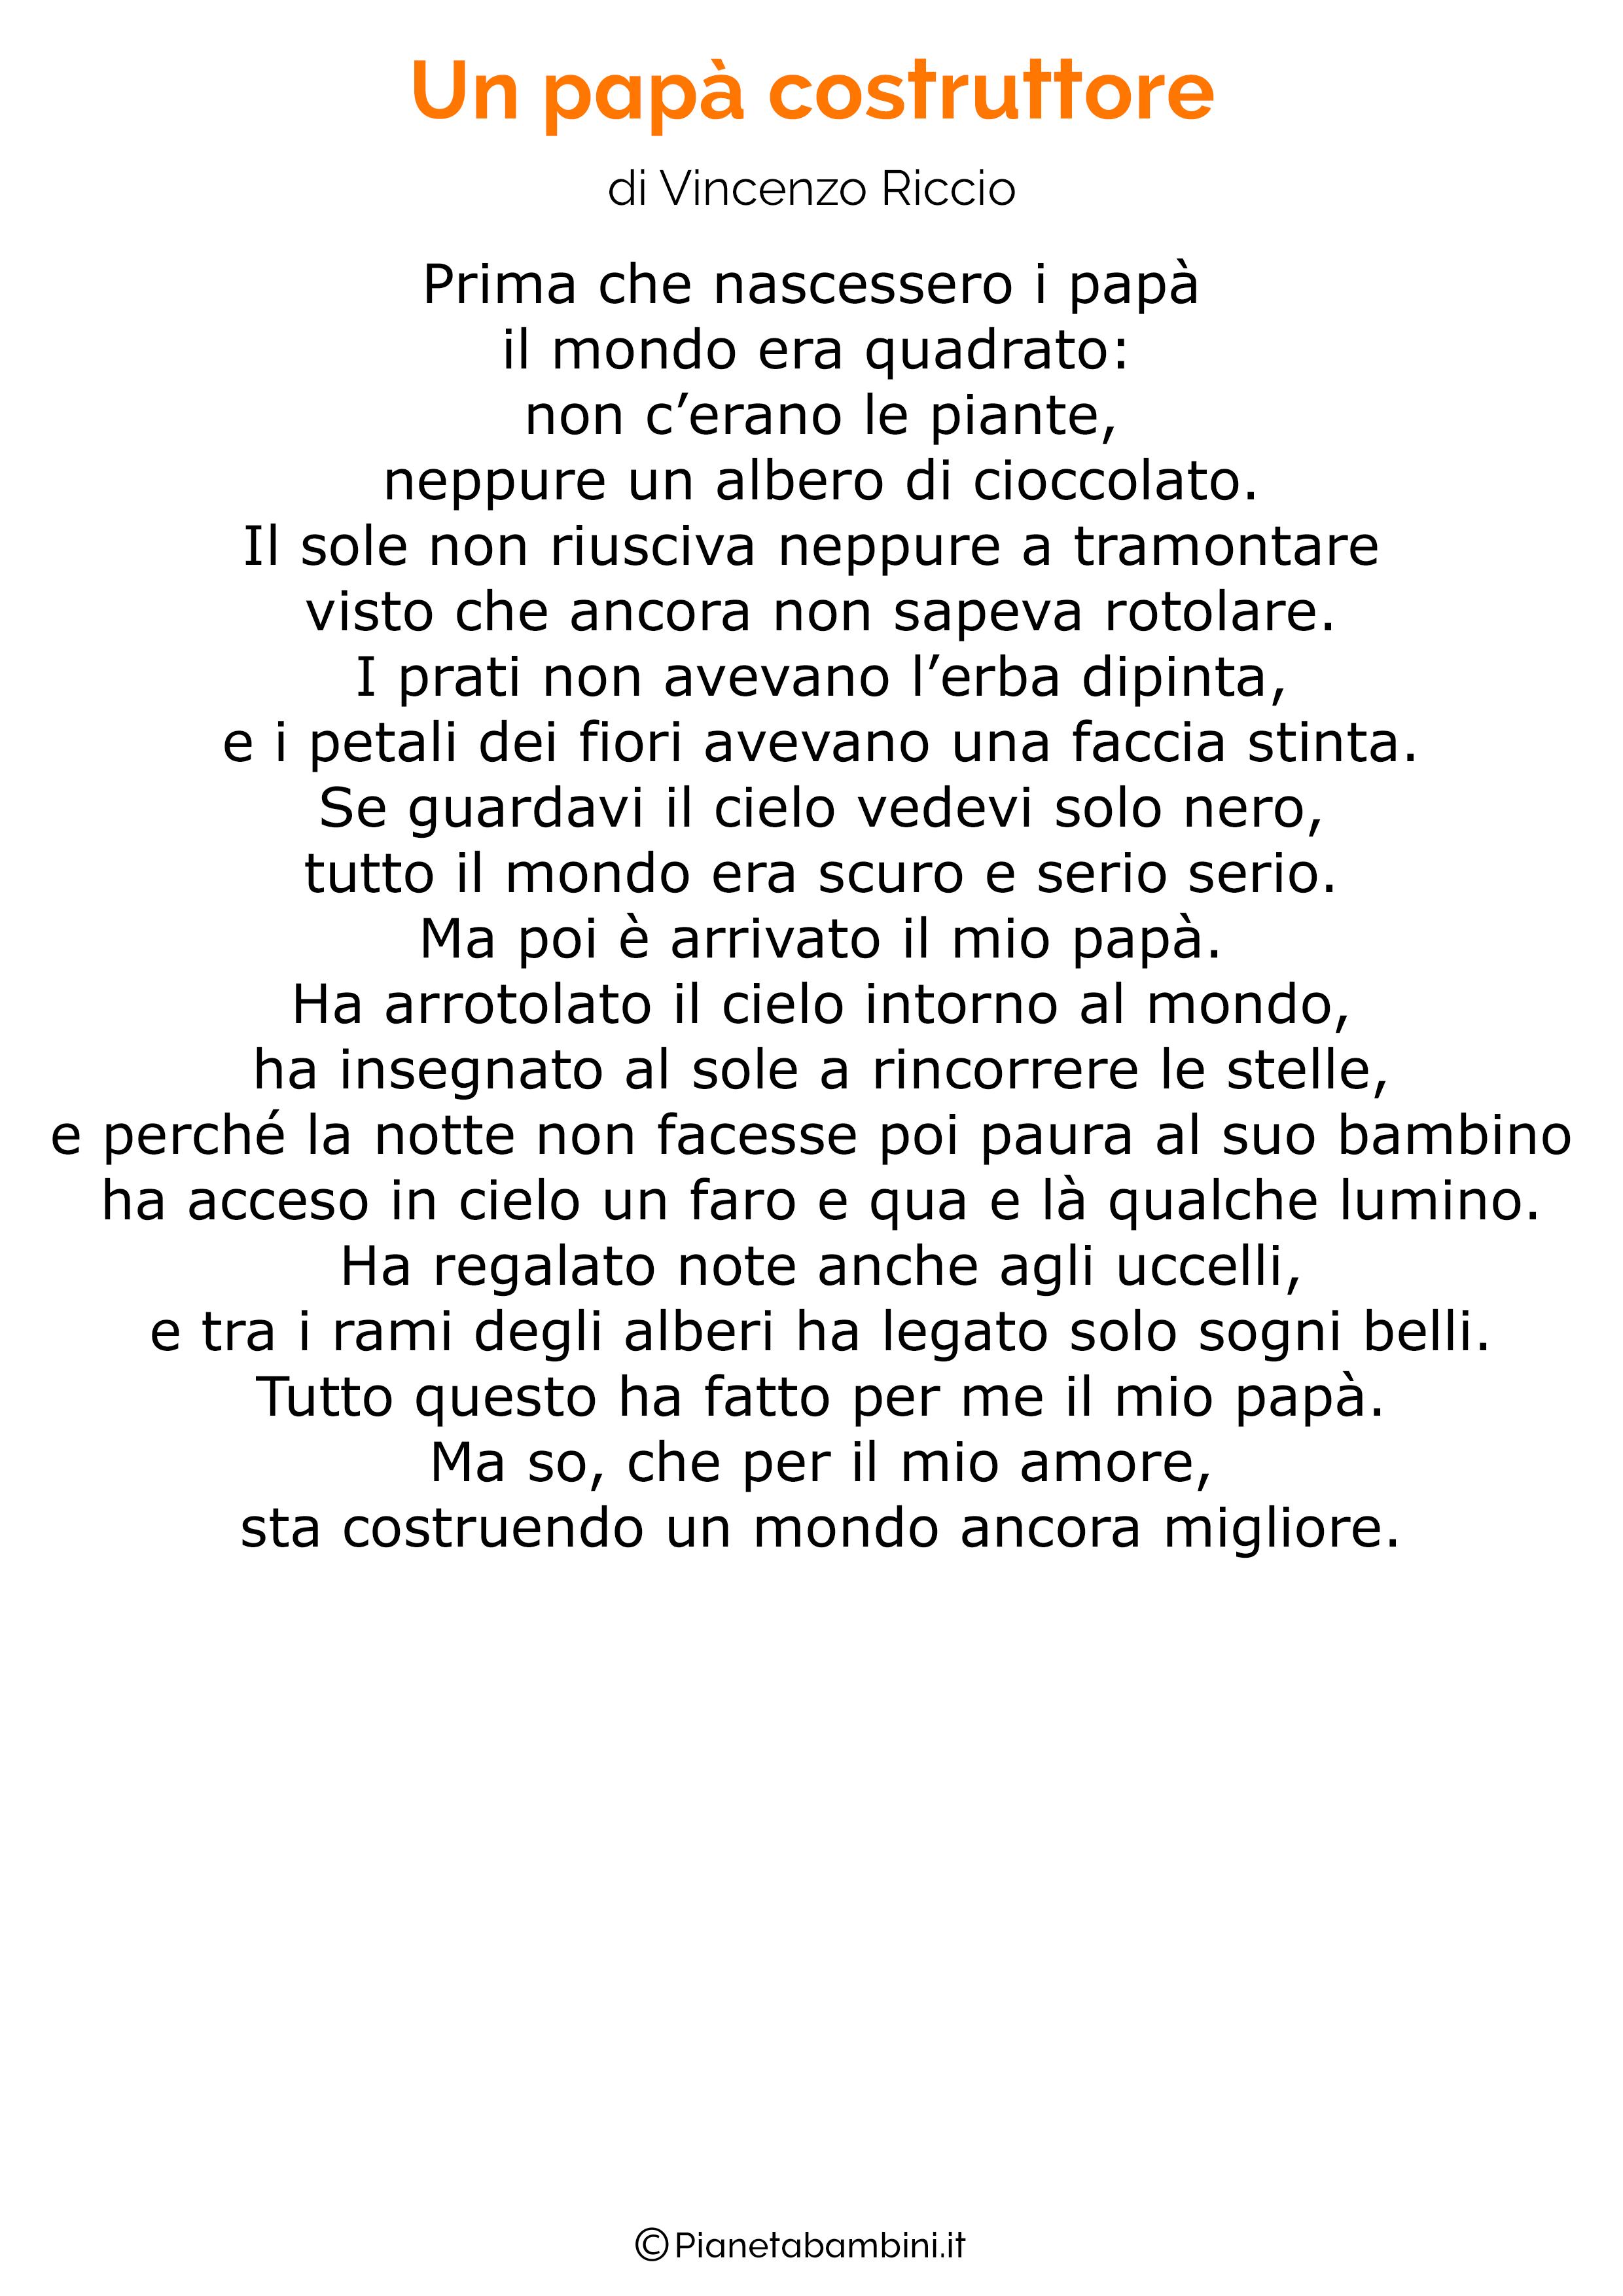 Poesie per la festa del papà bambini